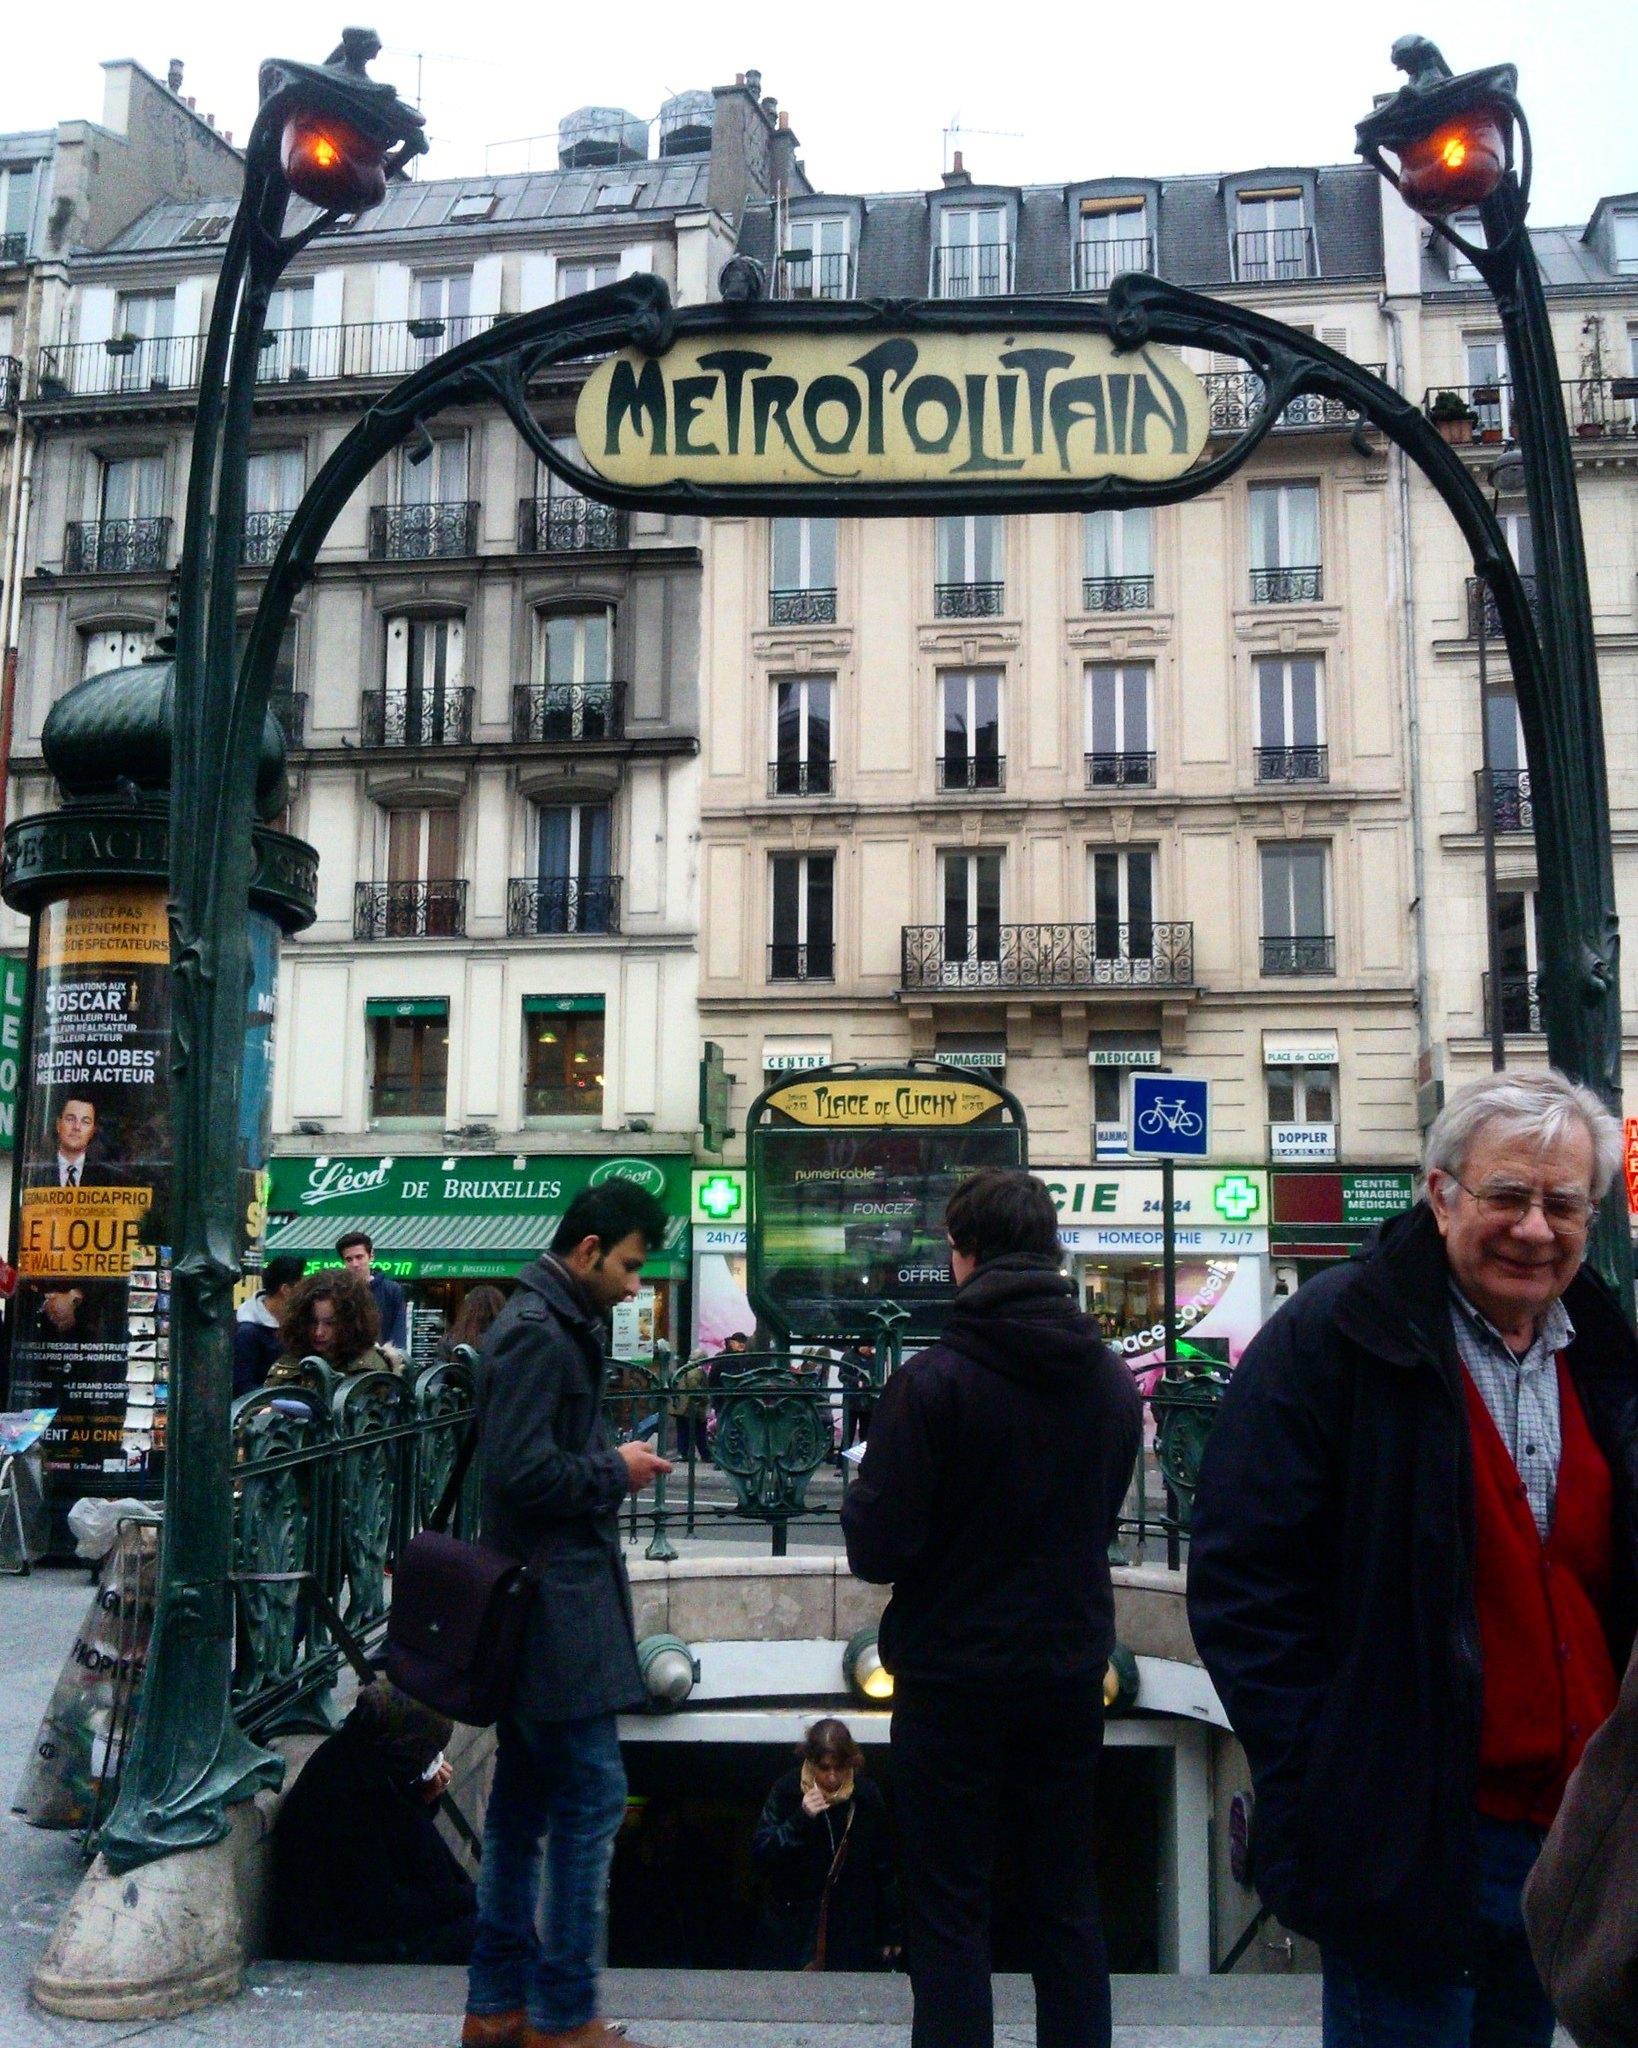 Metropolitain Parigina